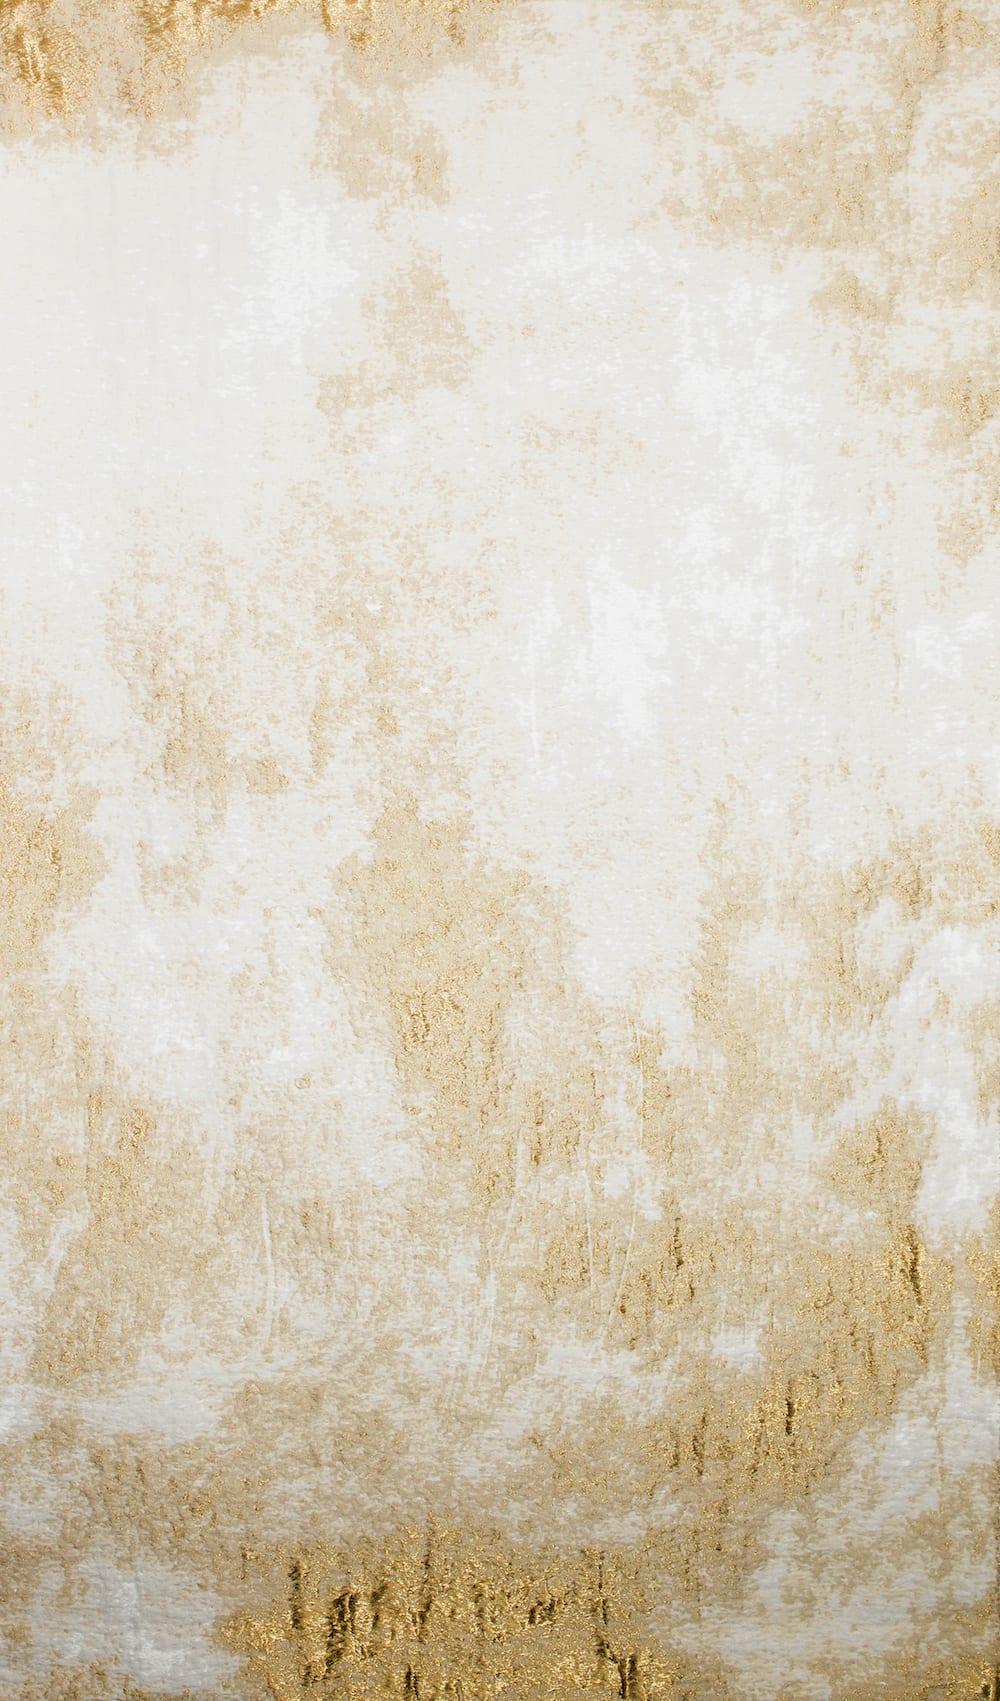 Jan Koen Lomans, Im Abendrot - No II